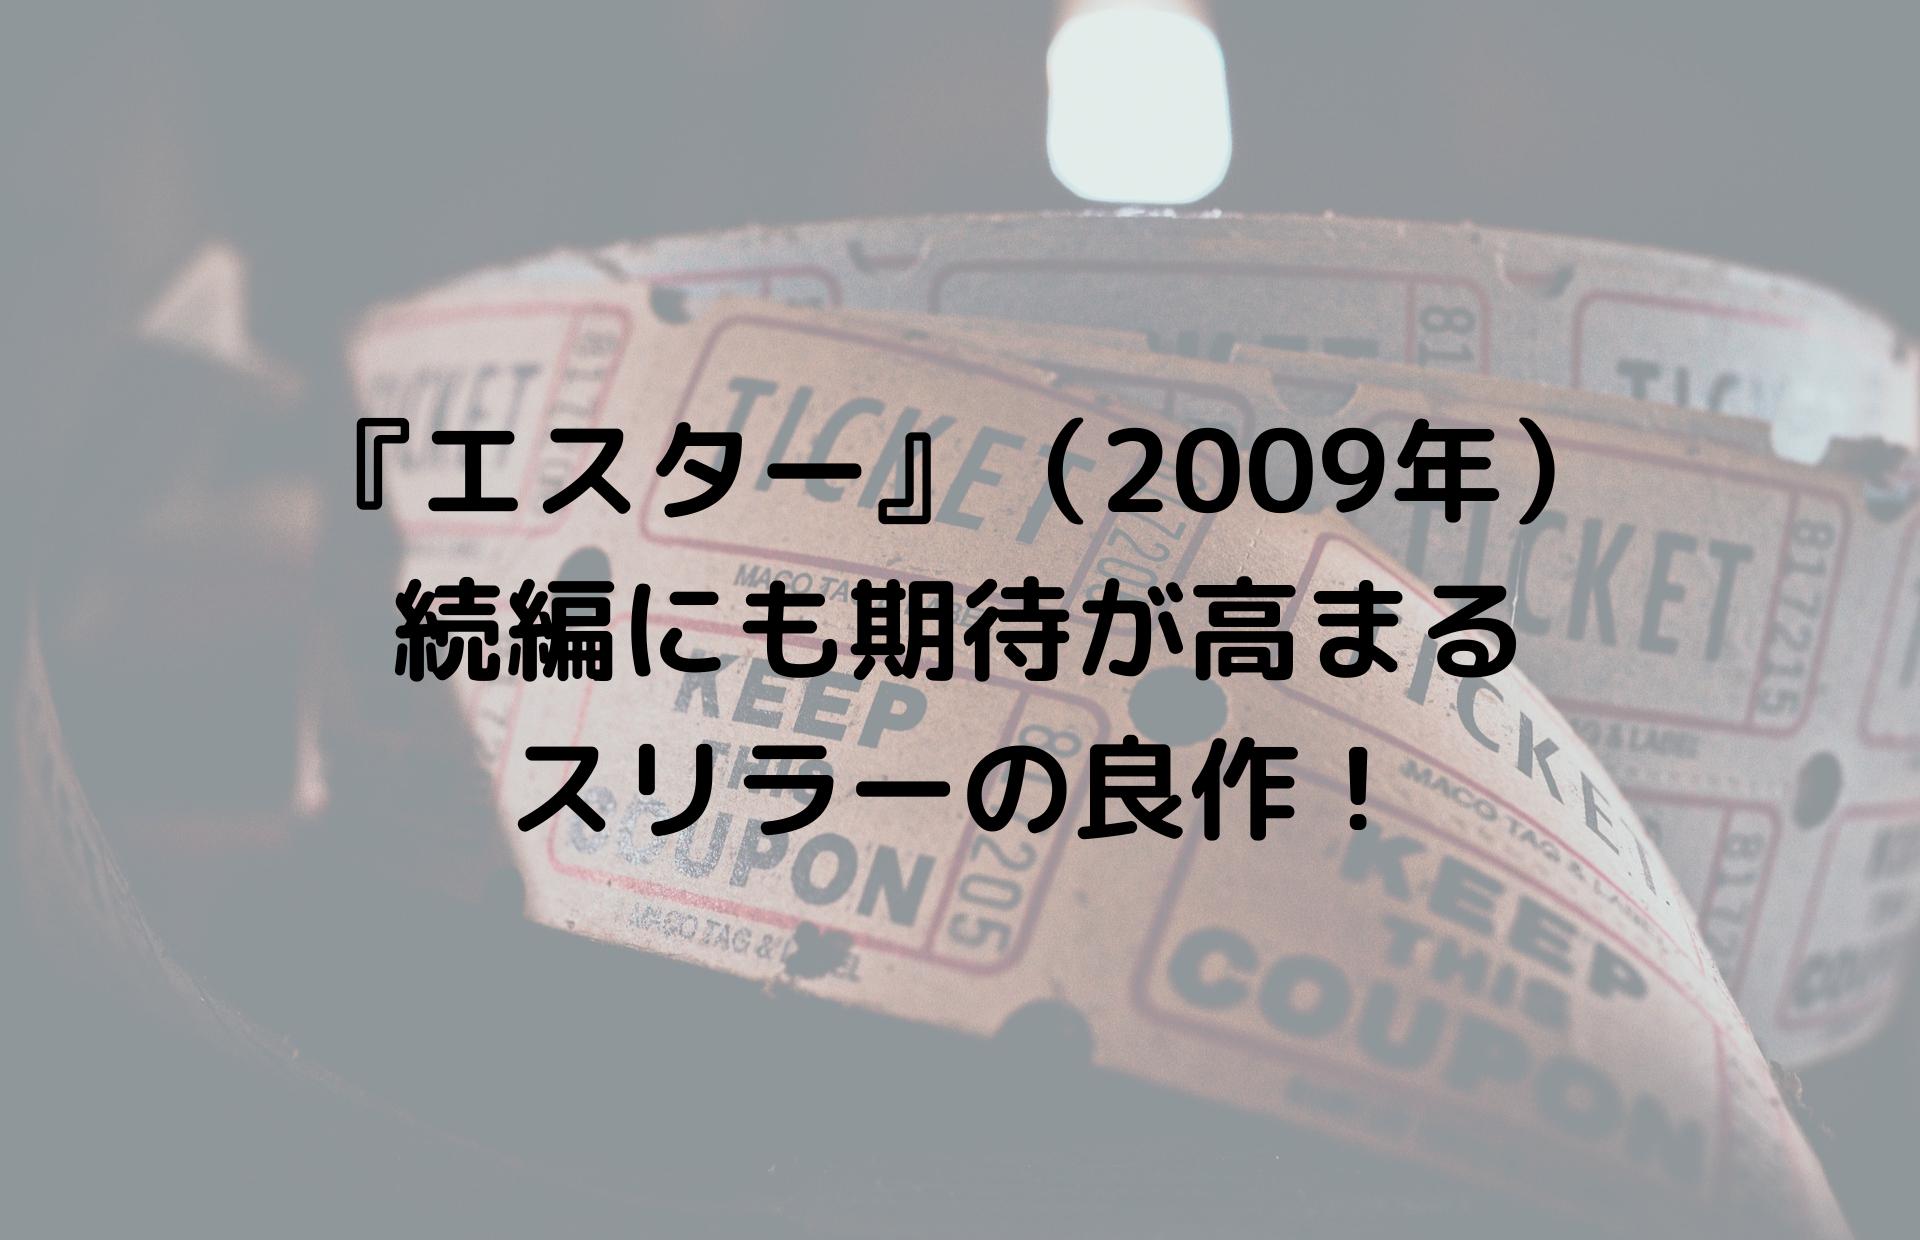 『エスター』(2009年)/続編にも期待が高まるスリラーの良作!